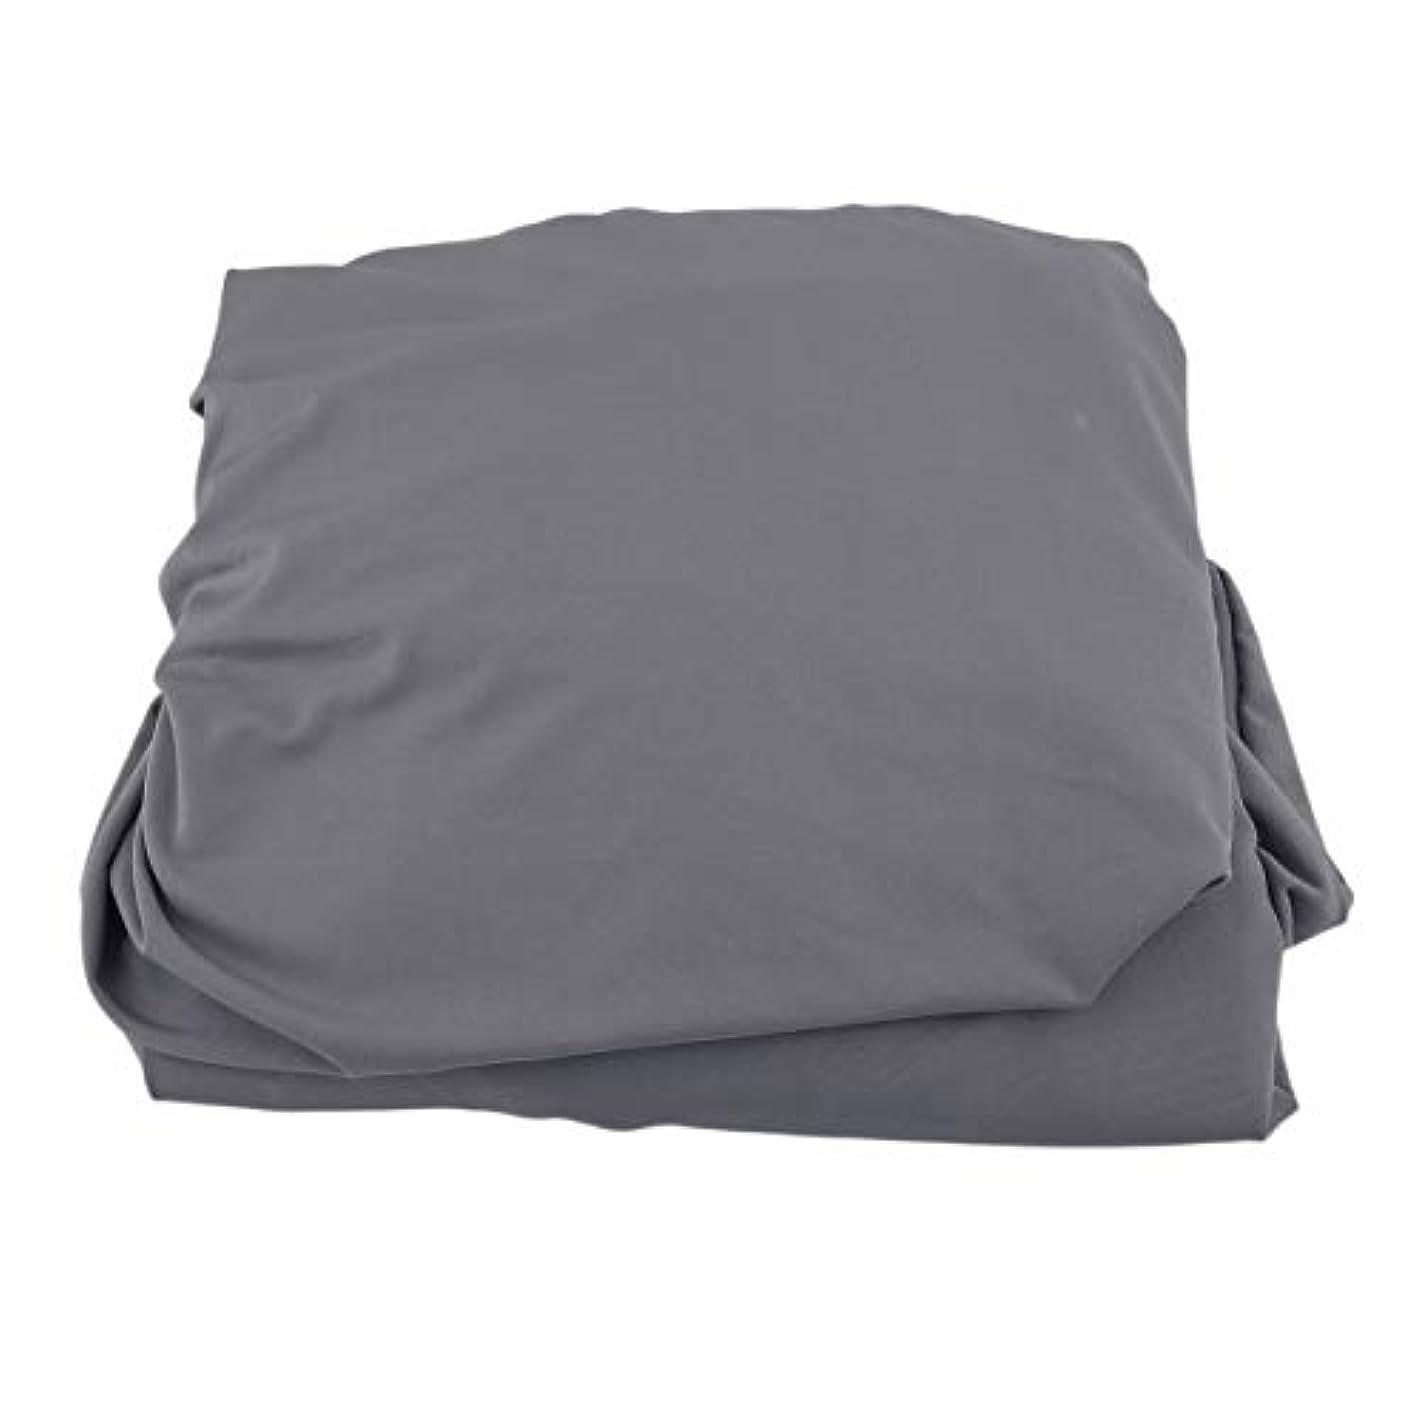 怠な喜ぶ考えるSaikogoods 弾性ポリエステルソファカバーピュアカラーストレッチ本のカバー柔軟な椅子Dustcoat耐久性のあるソファーカバー家具の布 グレー